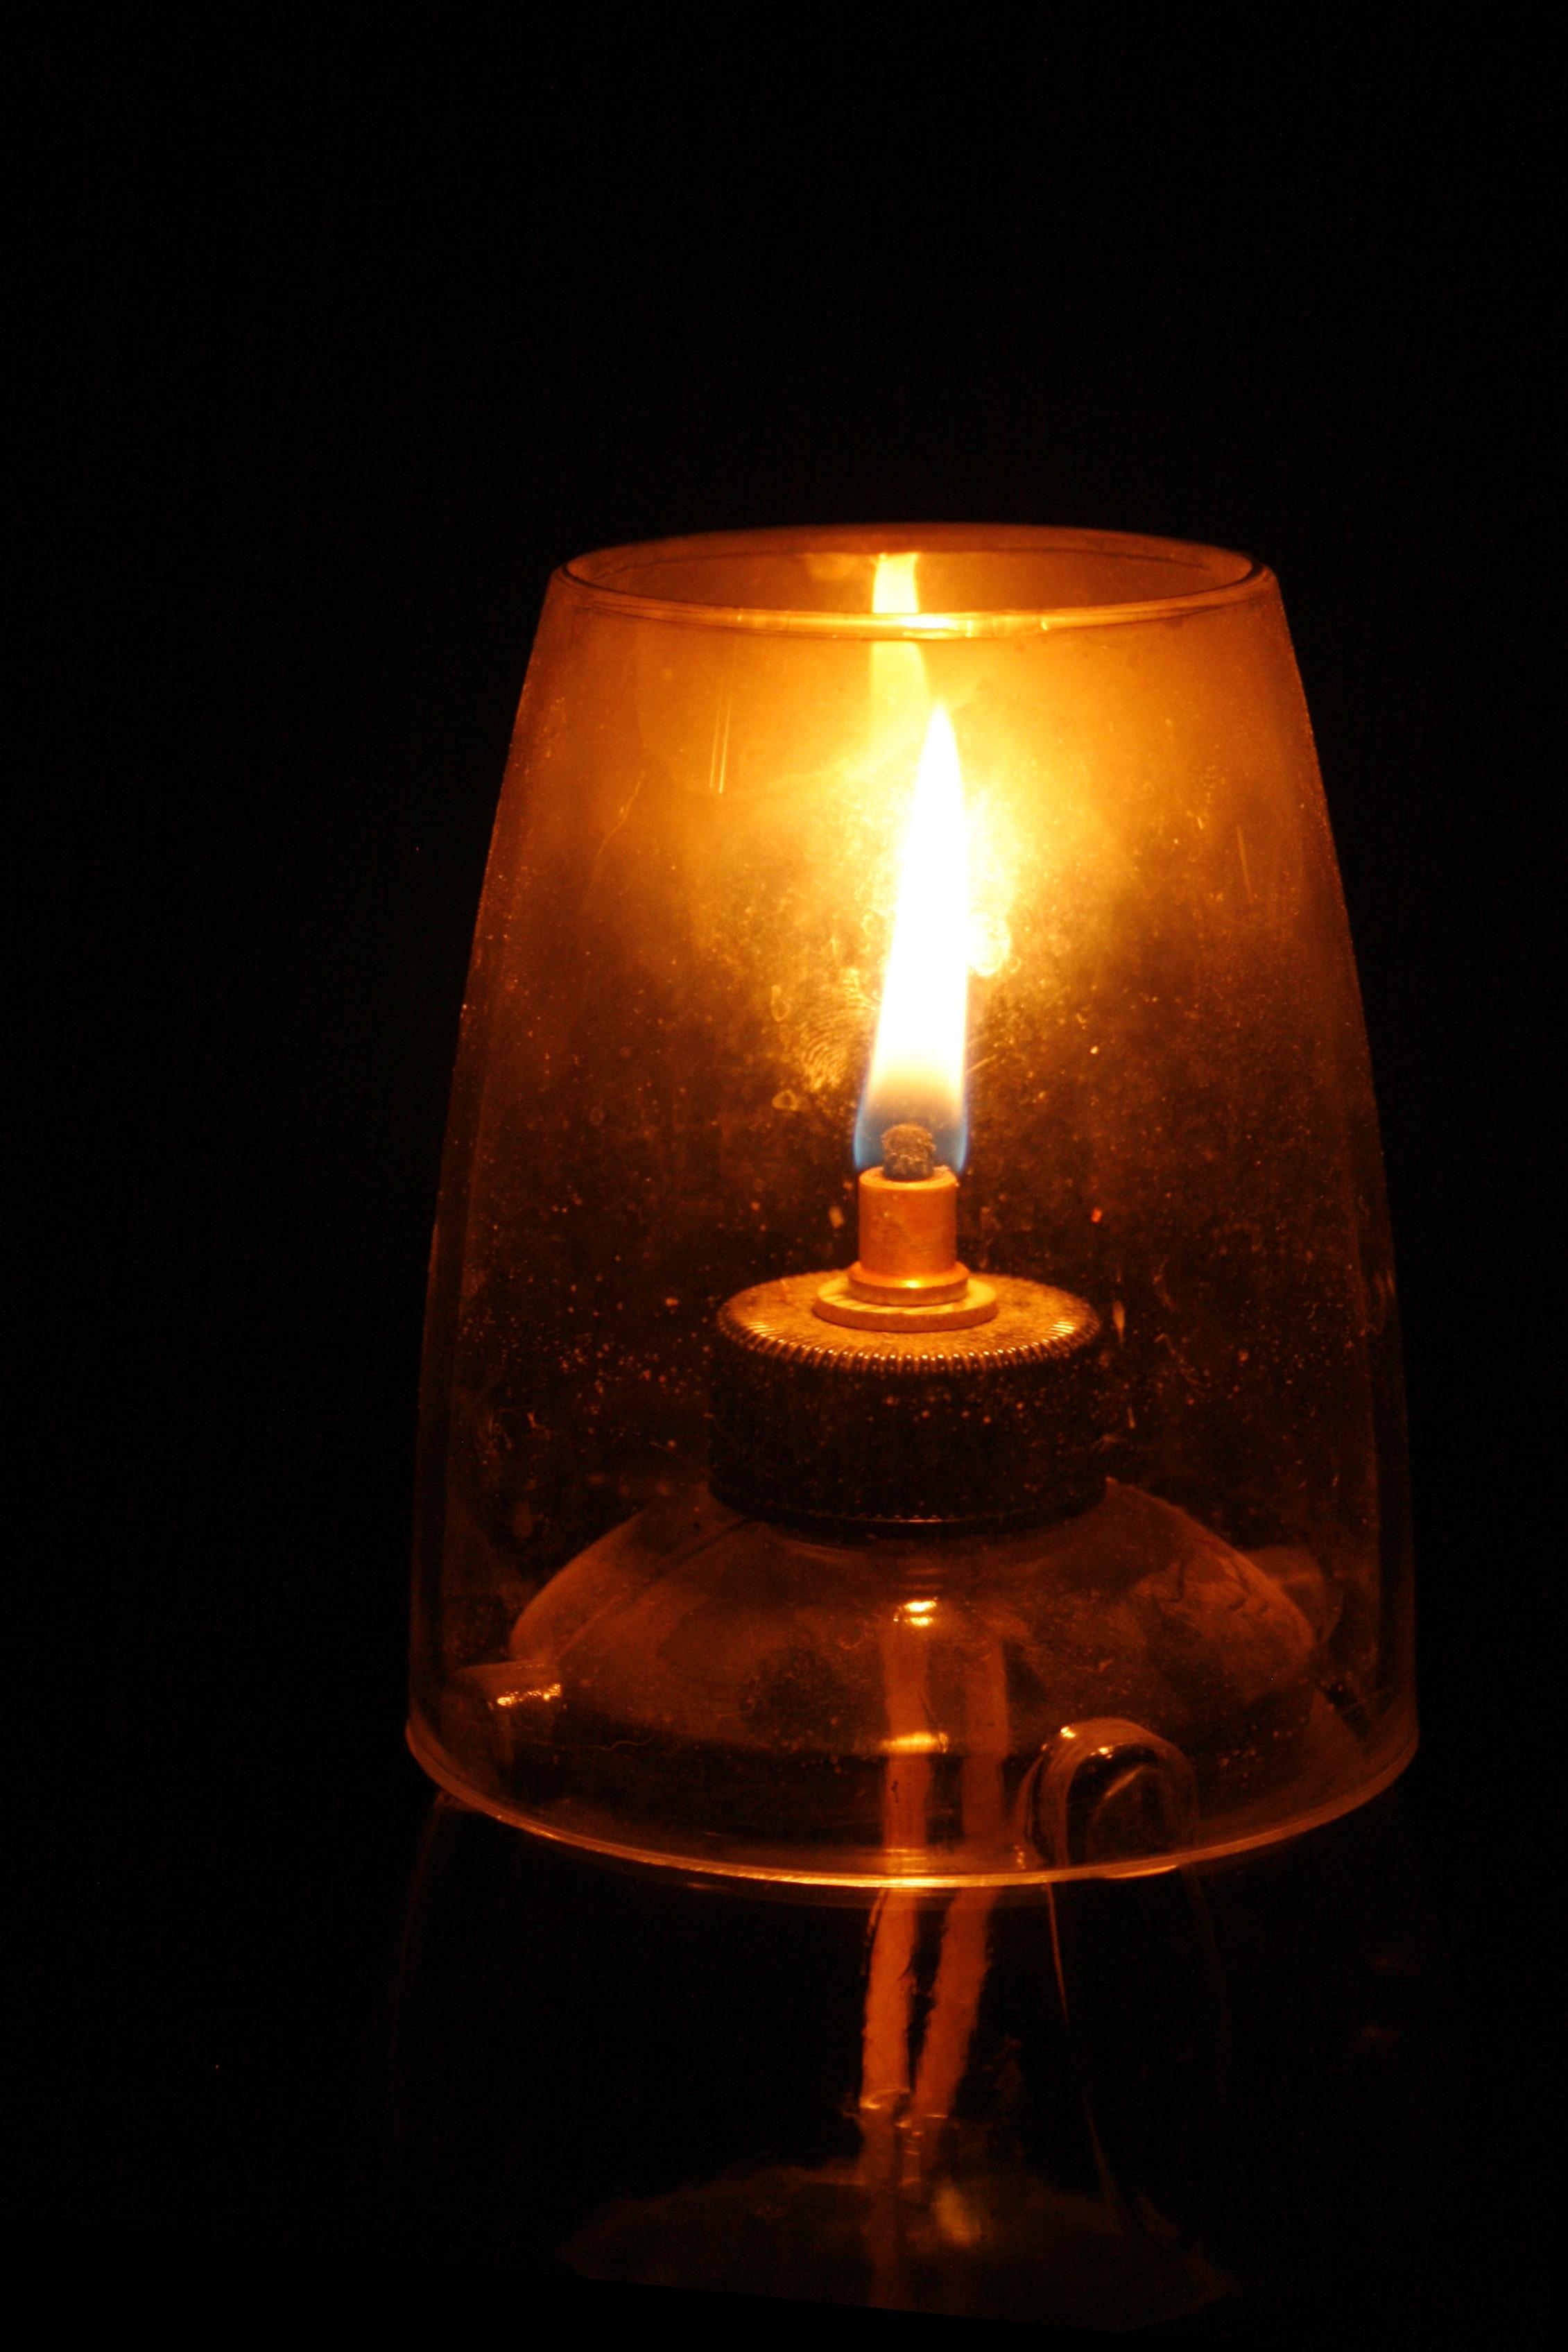 fotos gratis ligero vaso linterna llama fuego brillo oscuridad l mpara amarillo vela. Black Bedroom Furniture Sets. Home Design Ideas